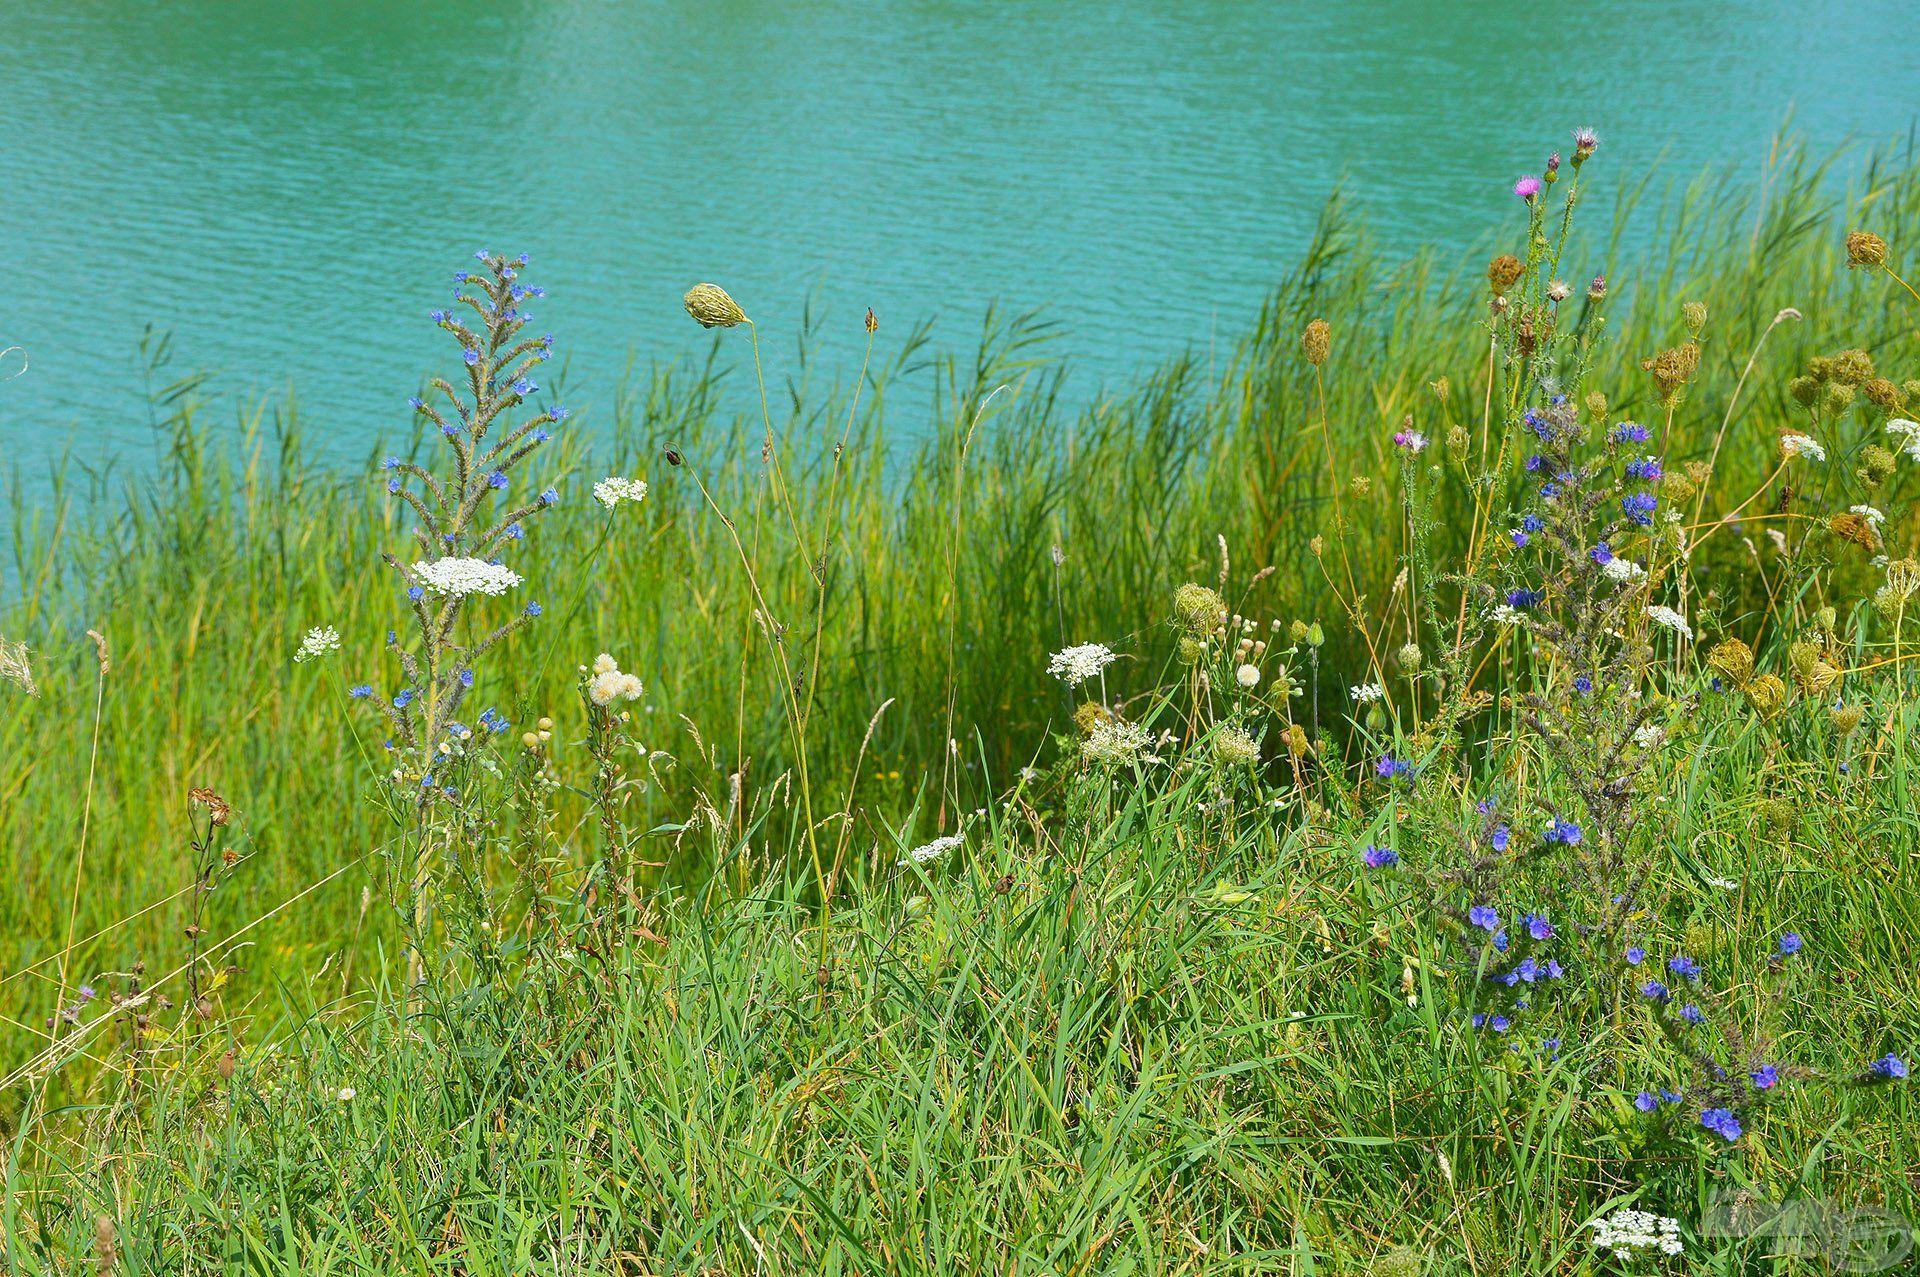 Kék víz, üde zöld part és gyönyörű színfoltjai